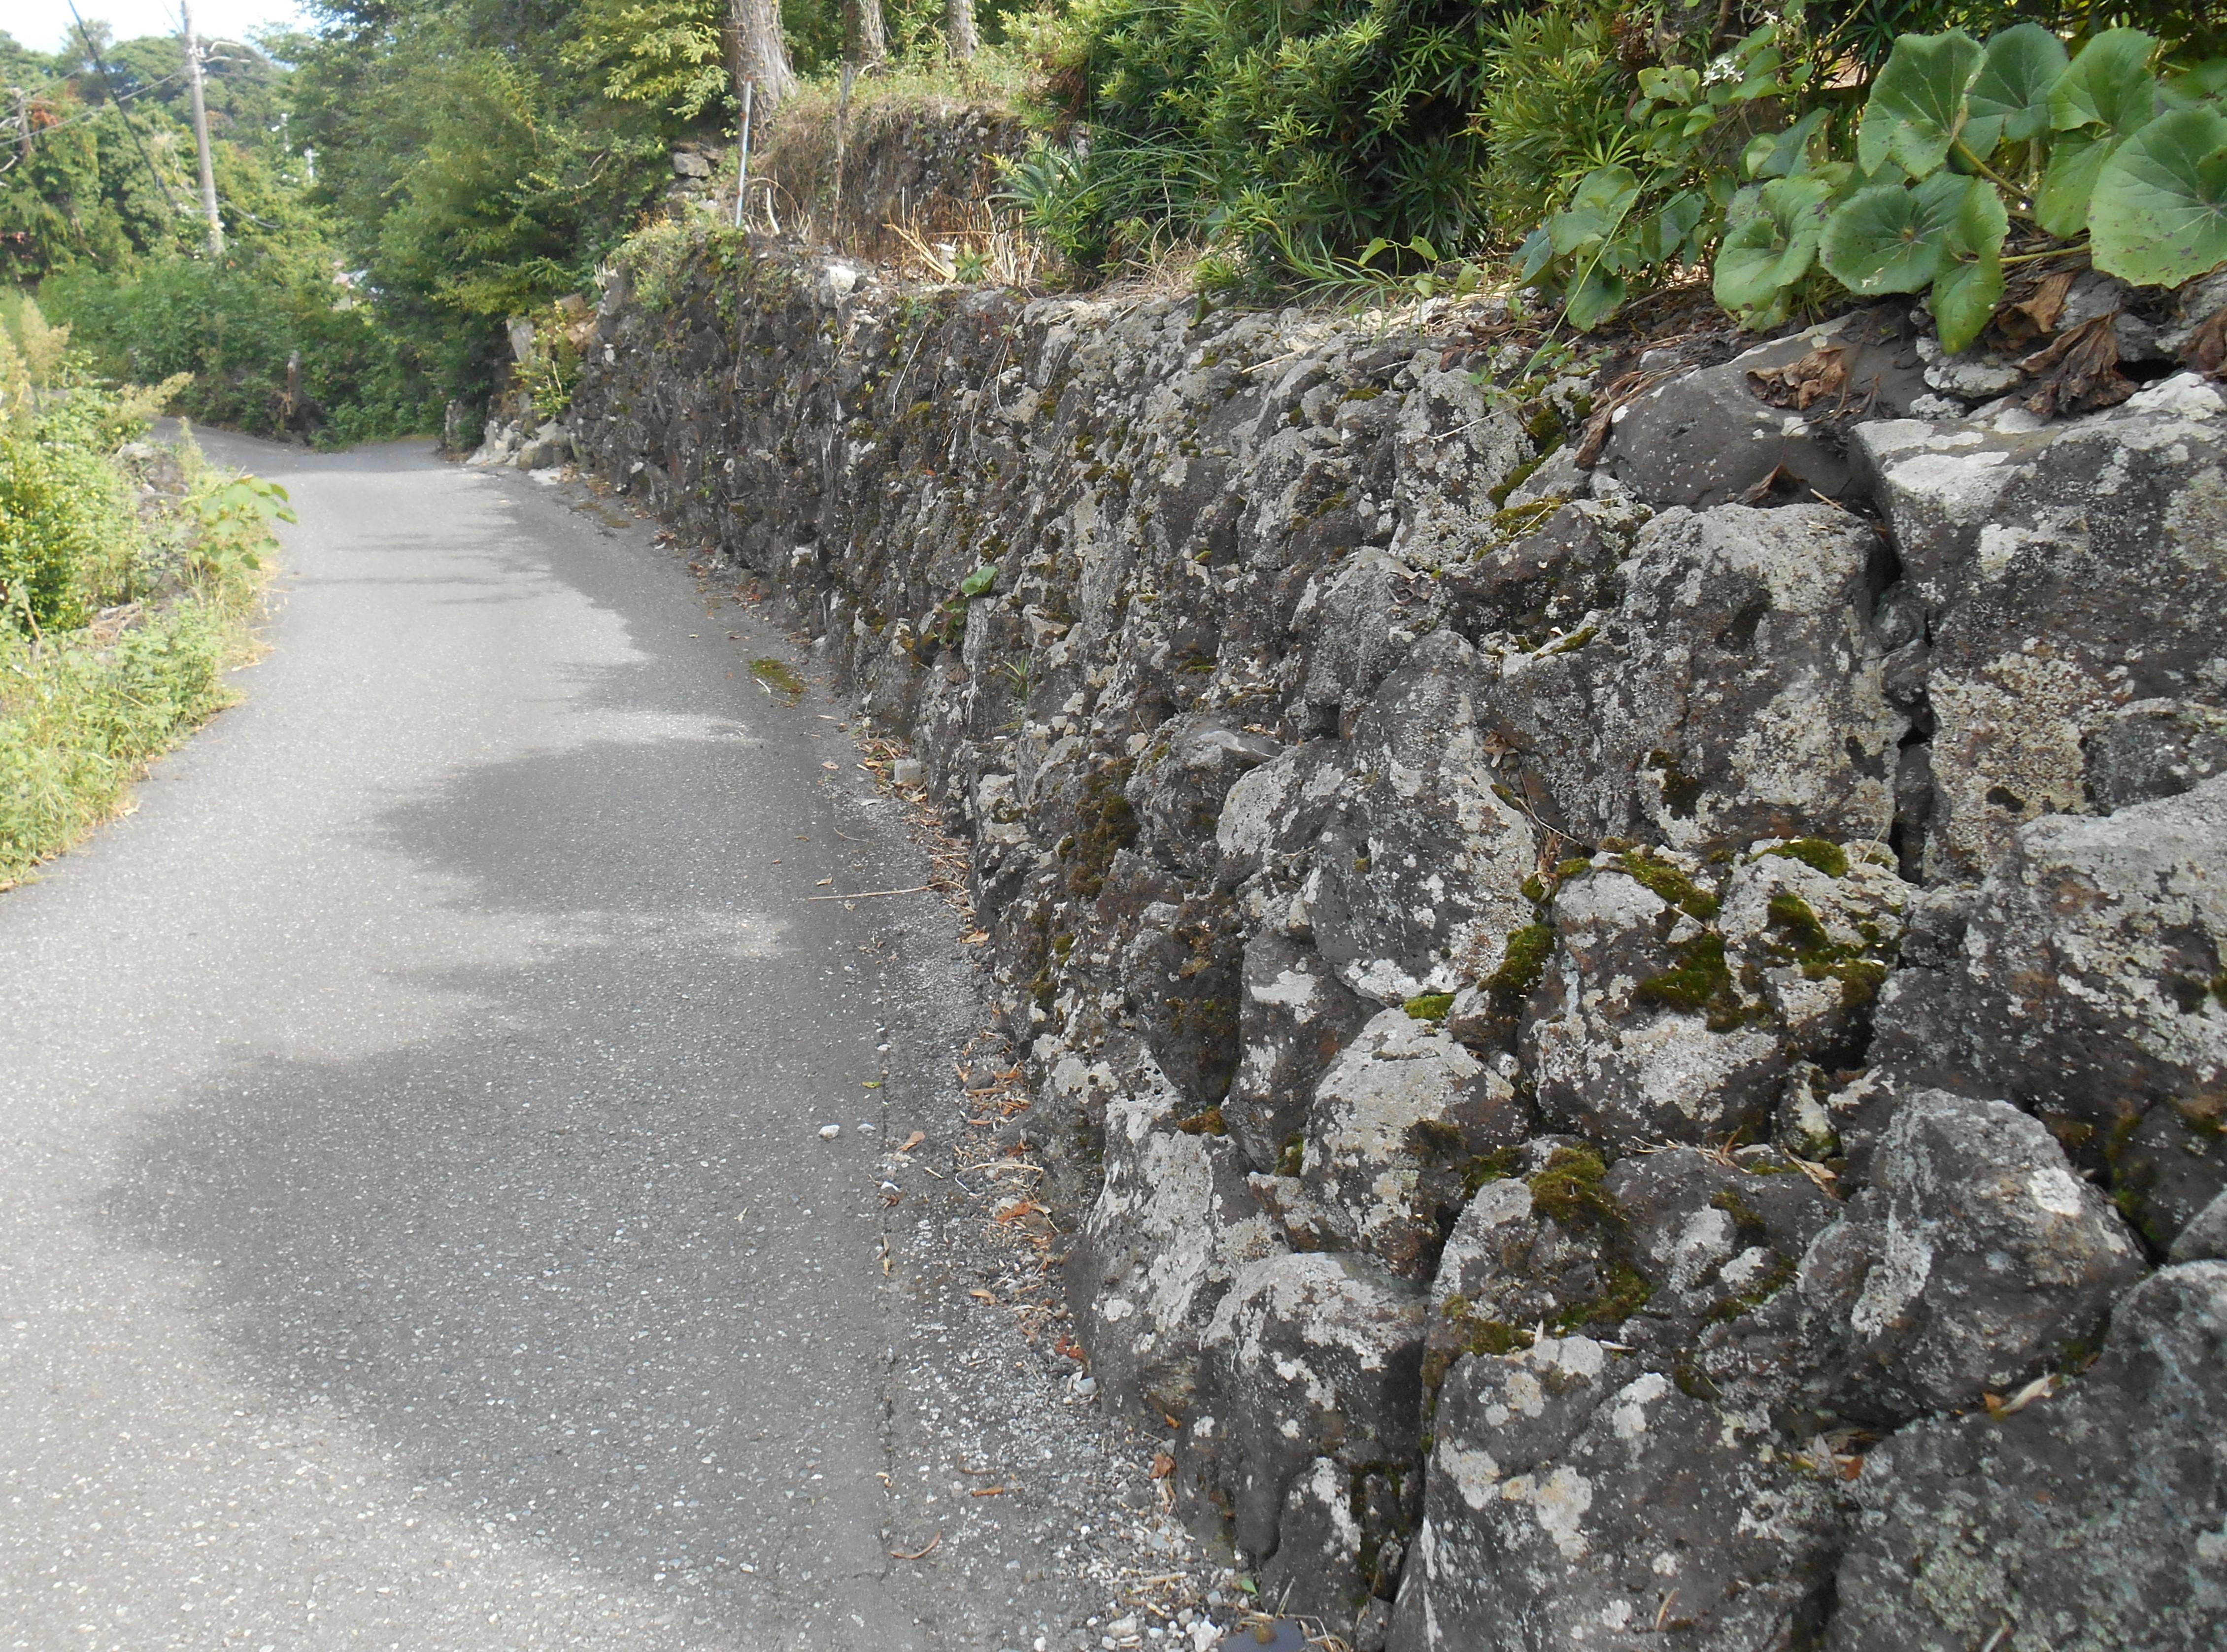 築城石がある坂道